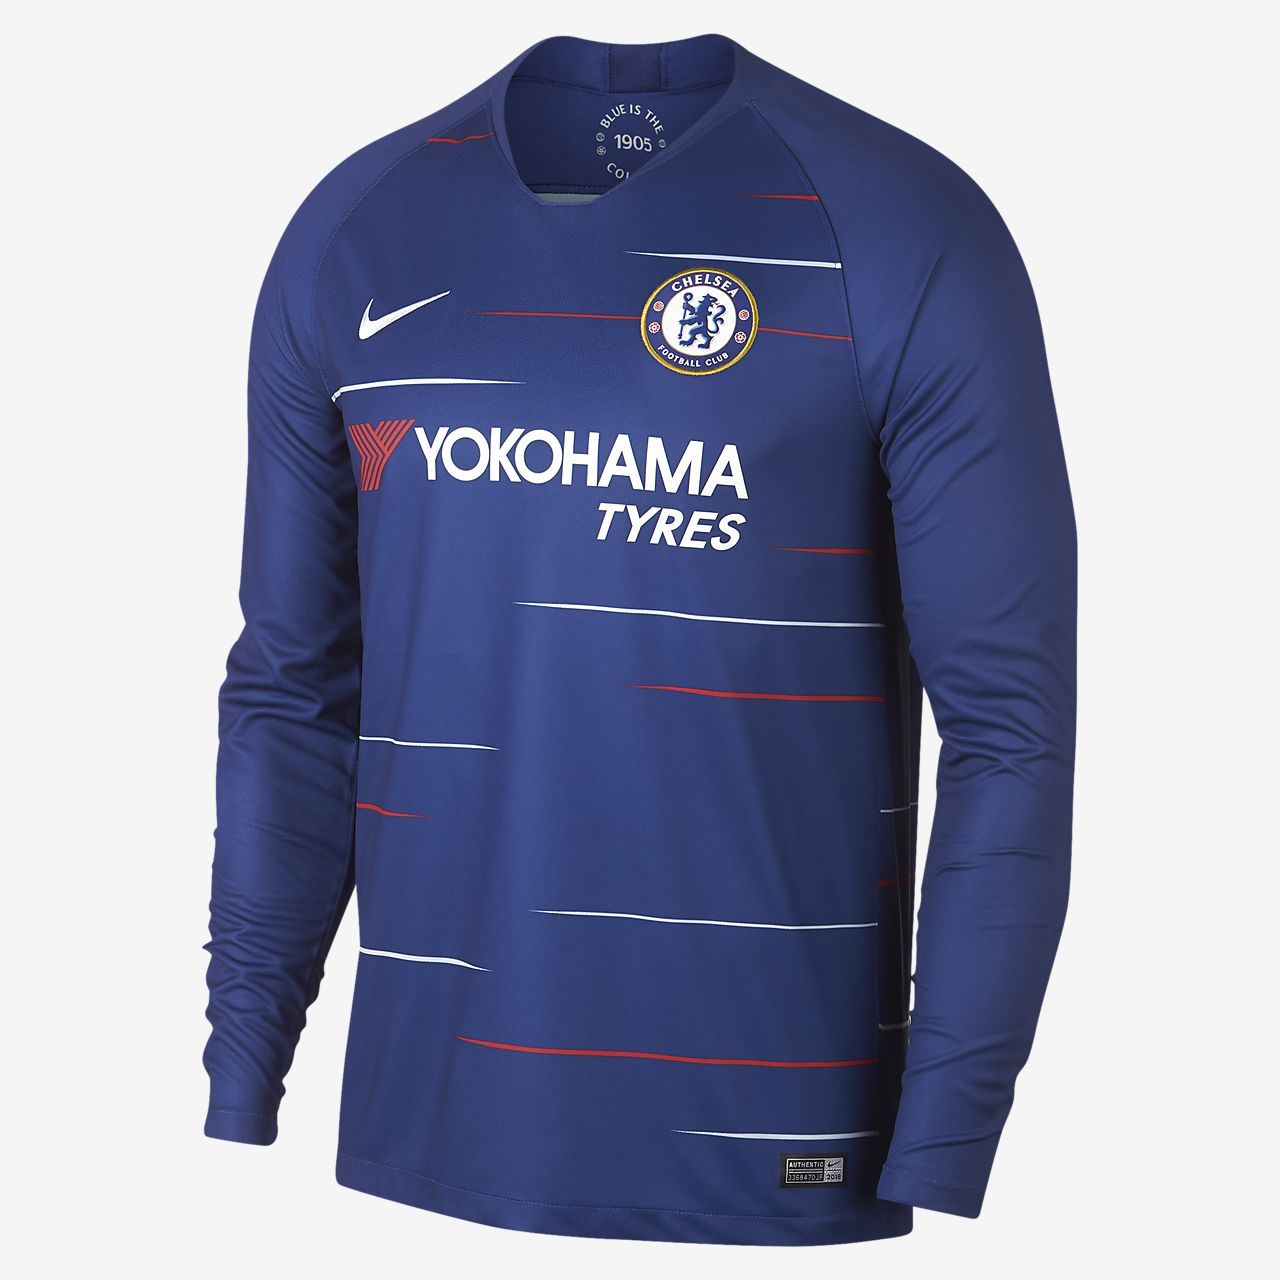 648f03213 camisetas de futbol Chelsea futbol